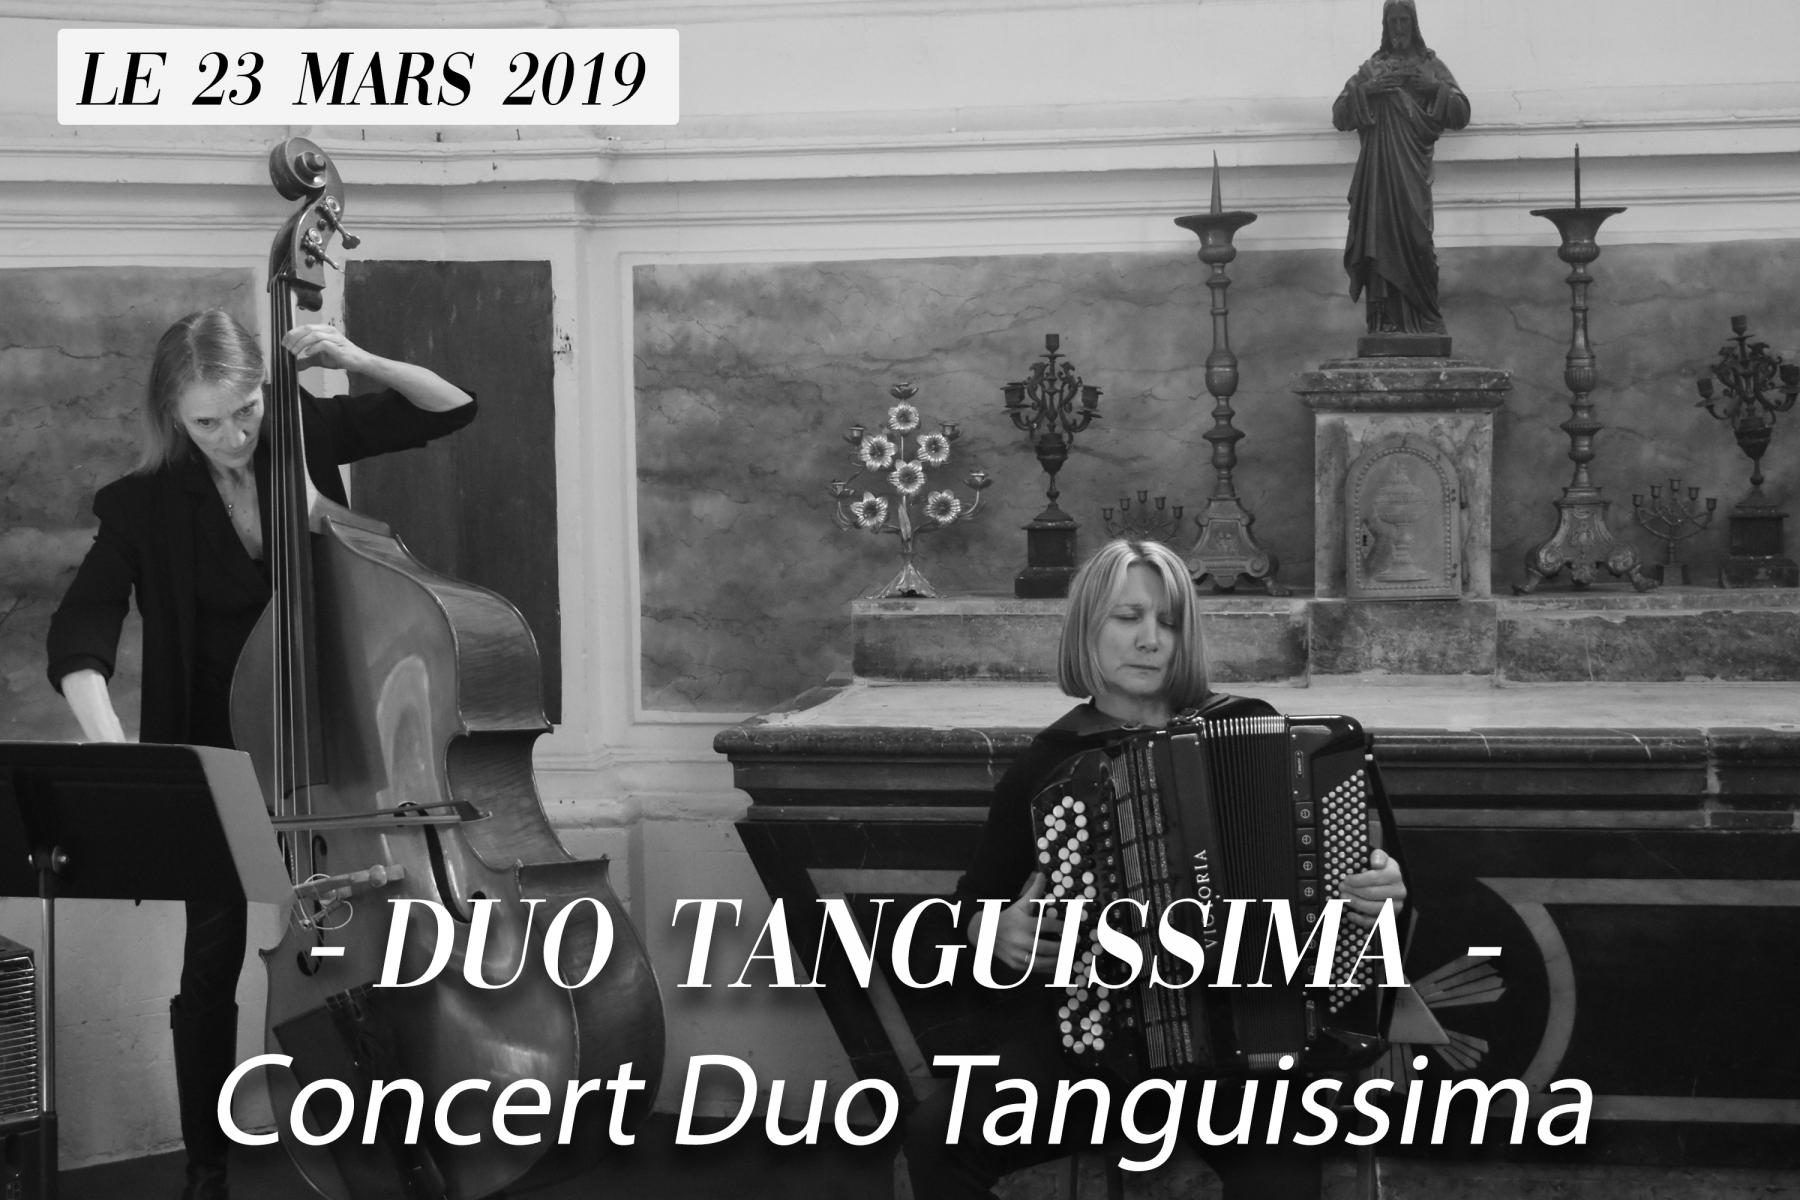 Duo-Tanguissima